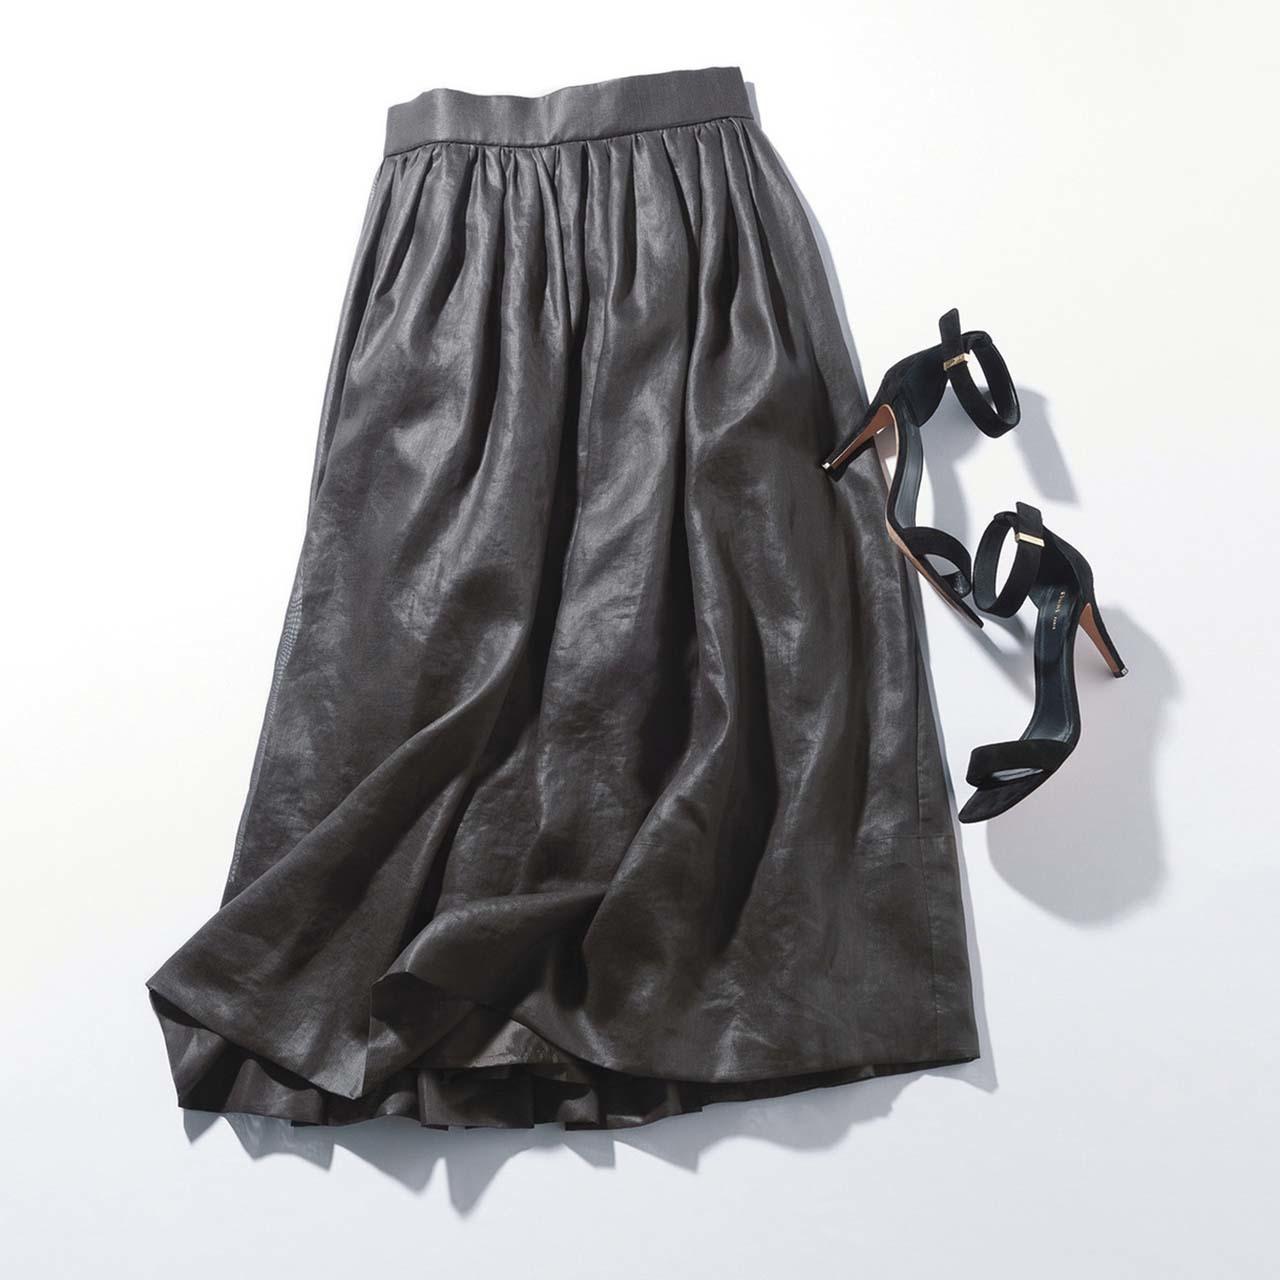 ロングスカートとサンダル